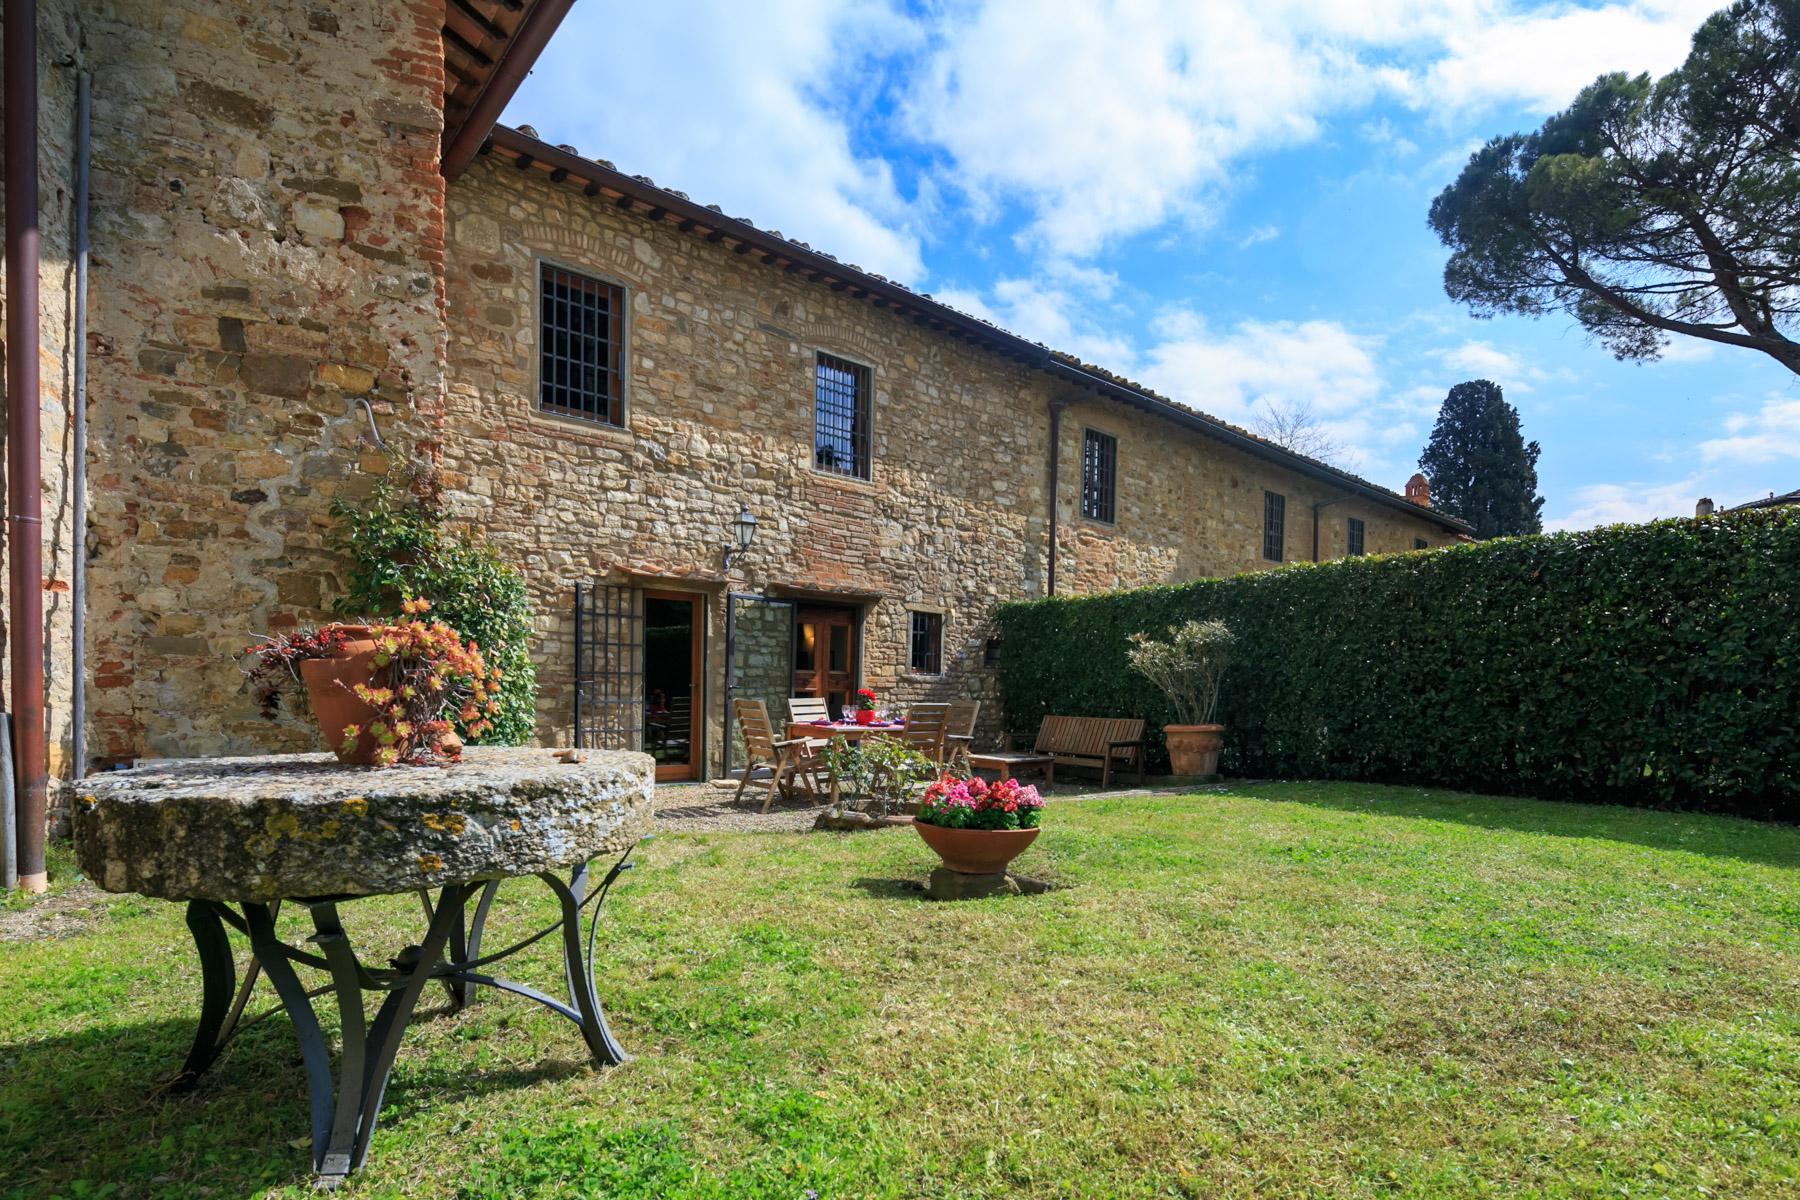 Rustico in Vendita a Firenze Periferia: 5 locali, 220 mq